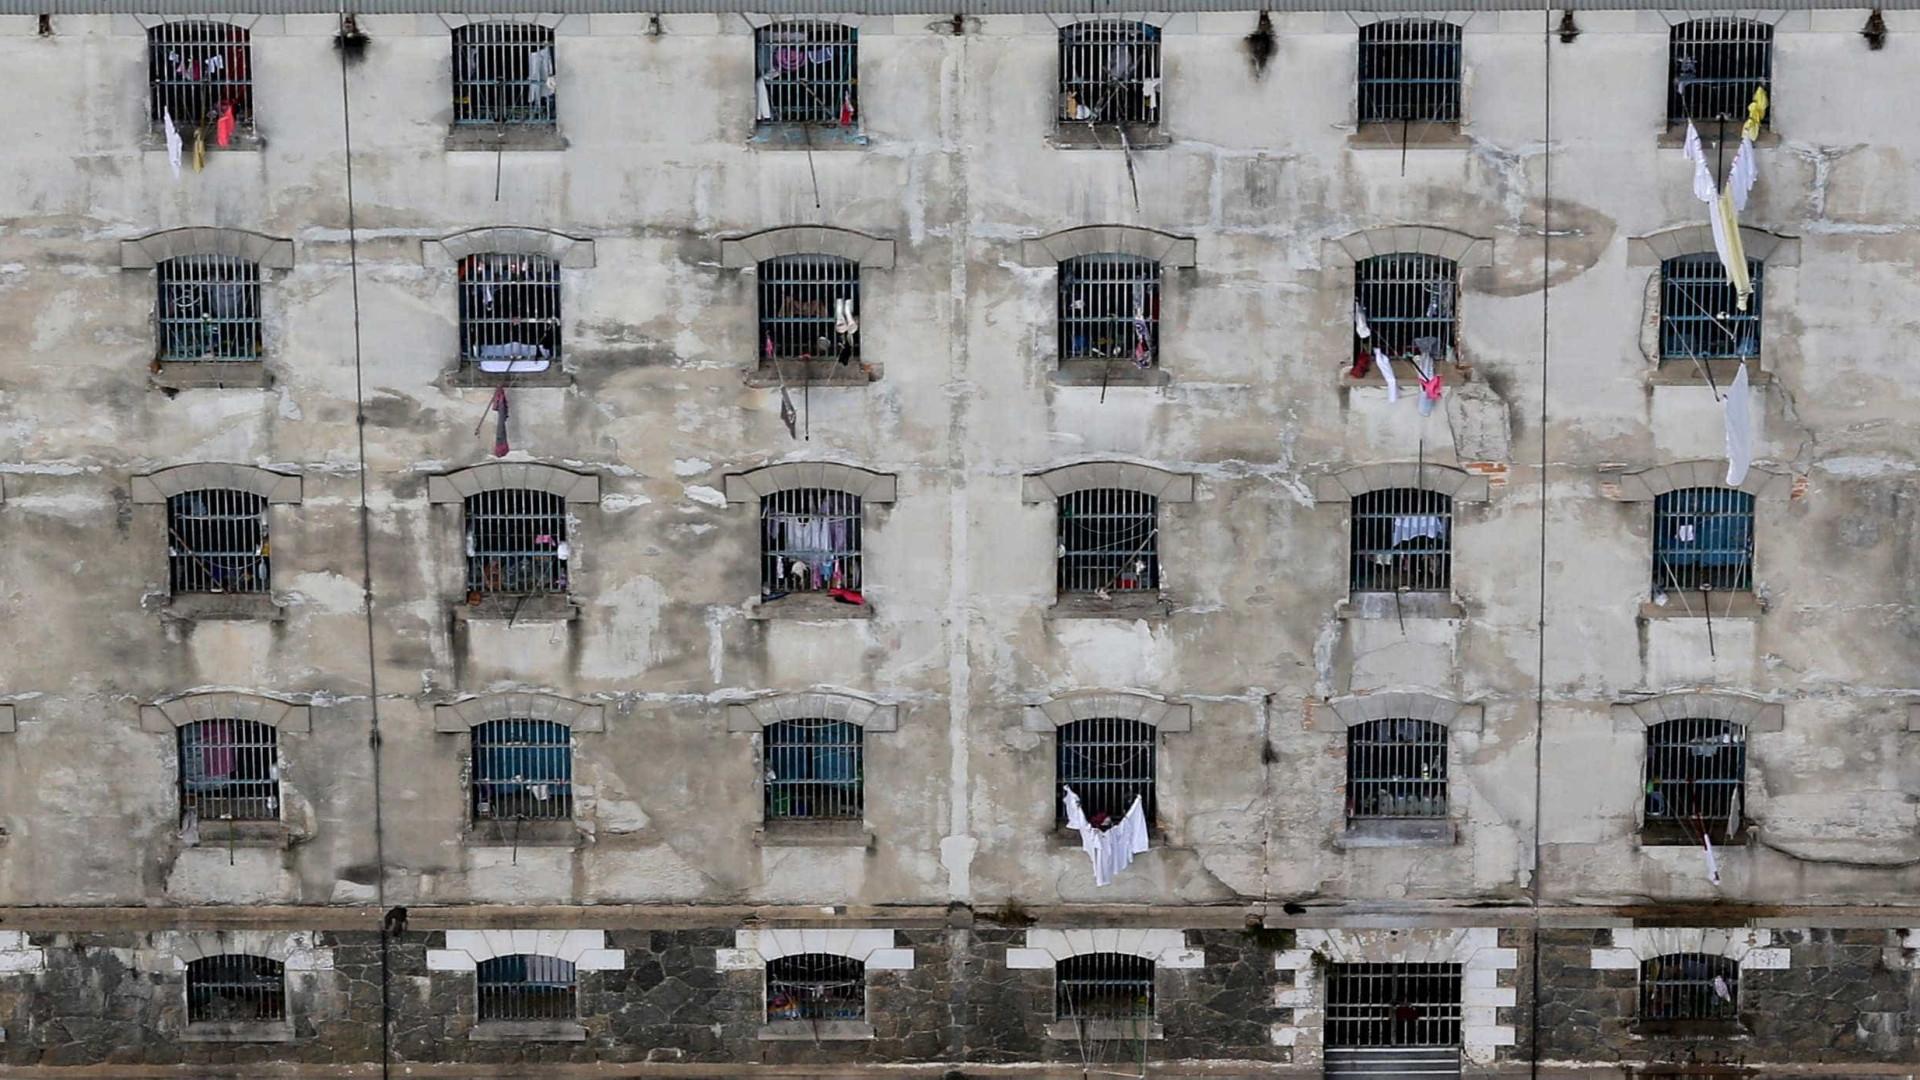 Detentos fazem rebelião em presídio na Baixada Fluminense - Notícias - Cidades